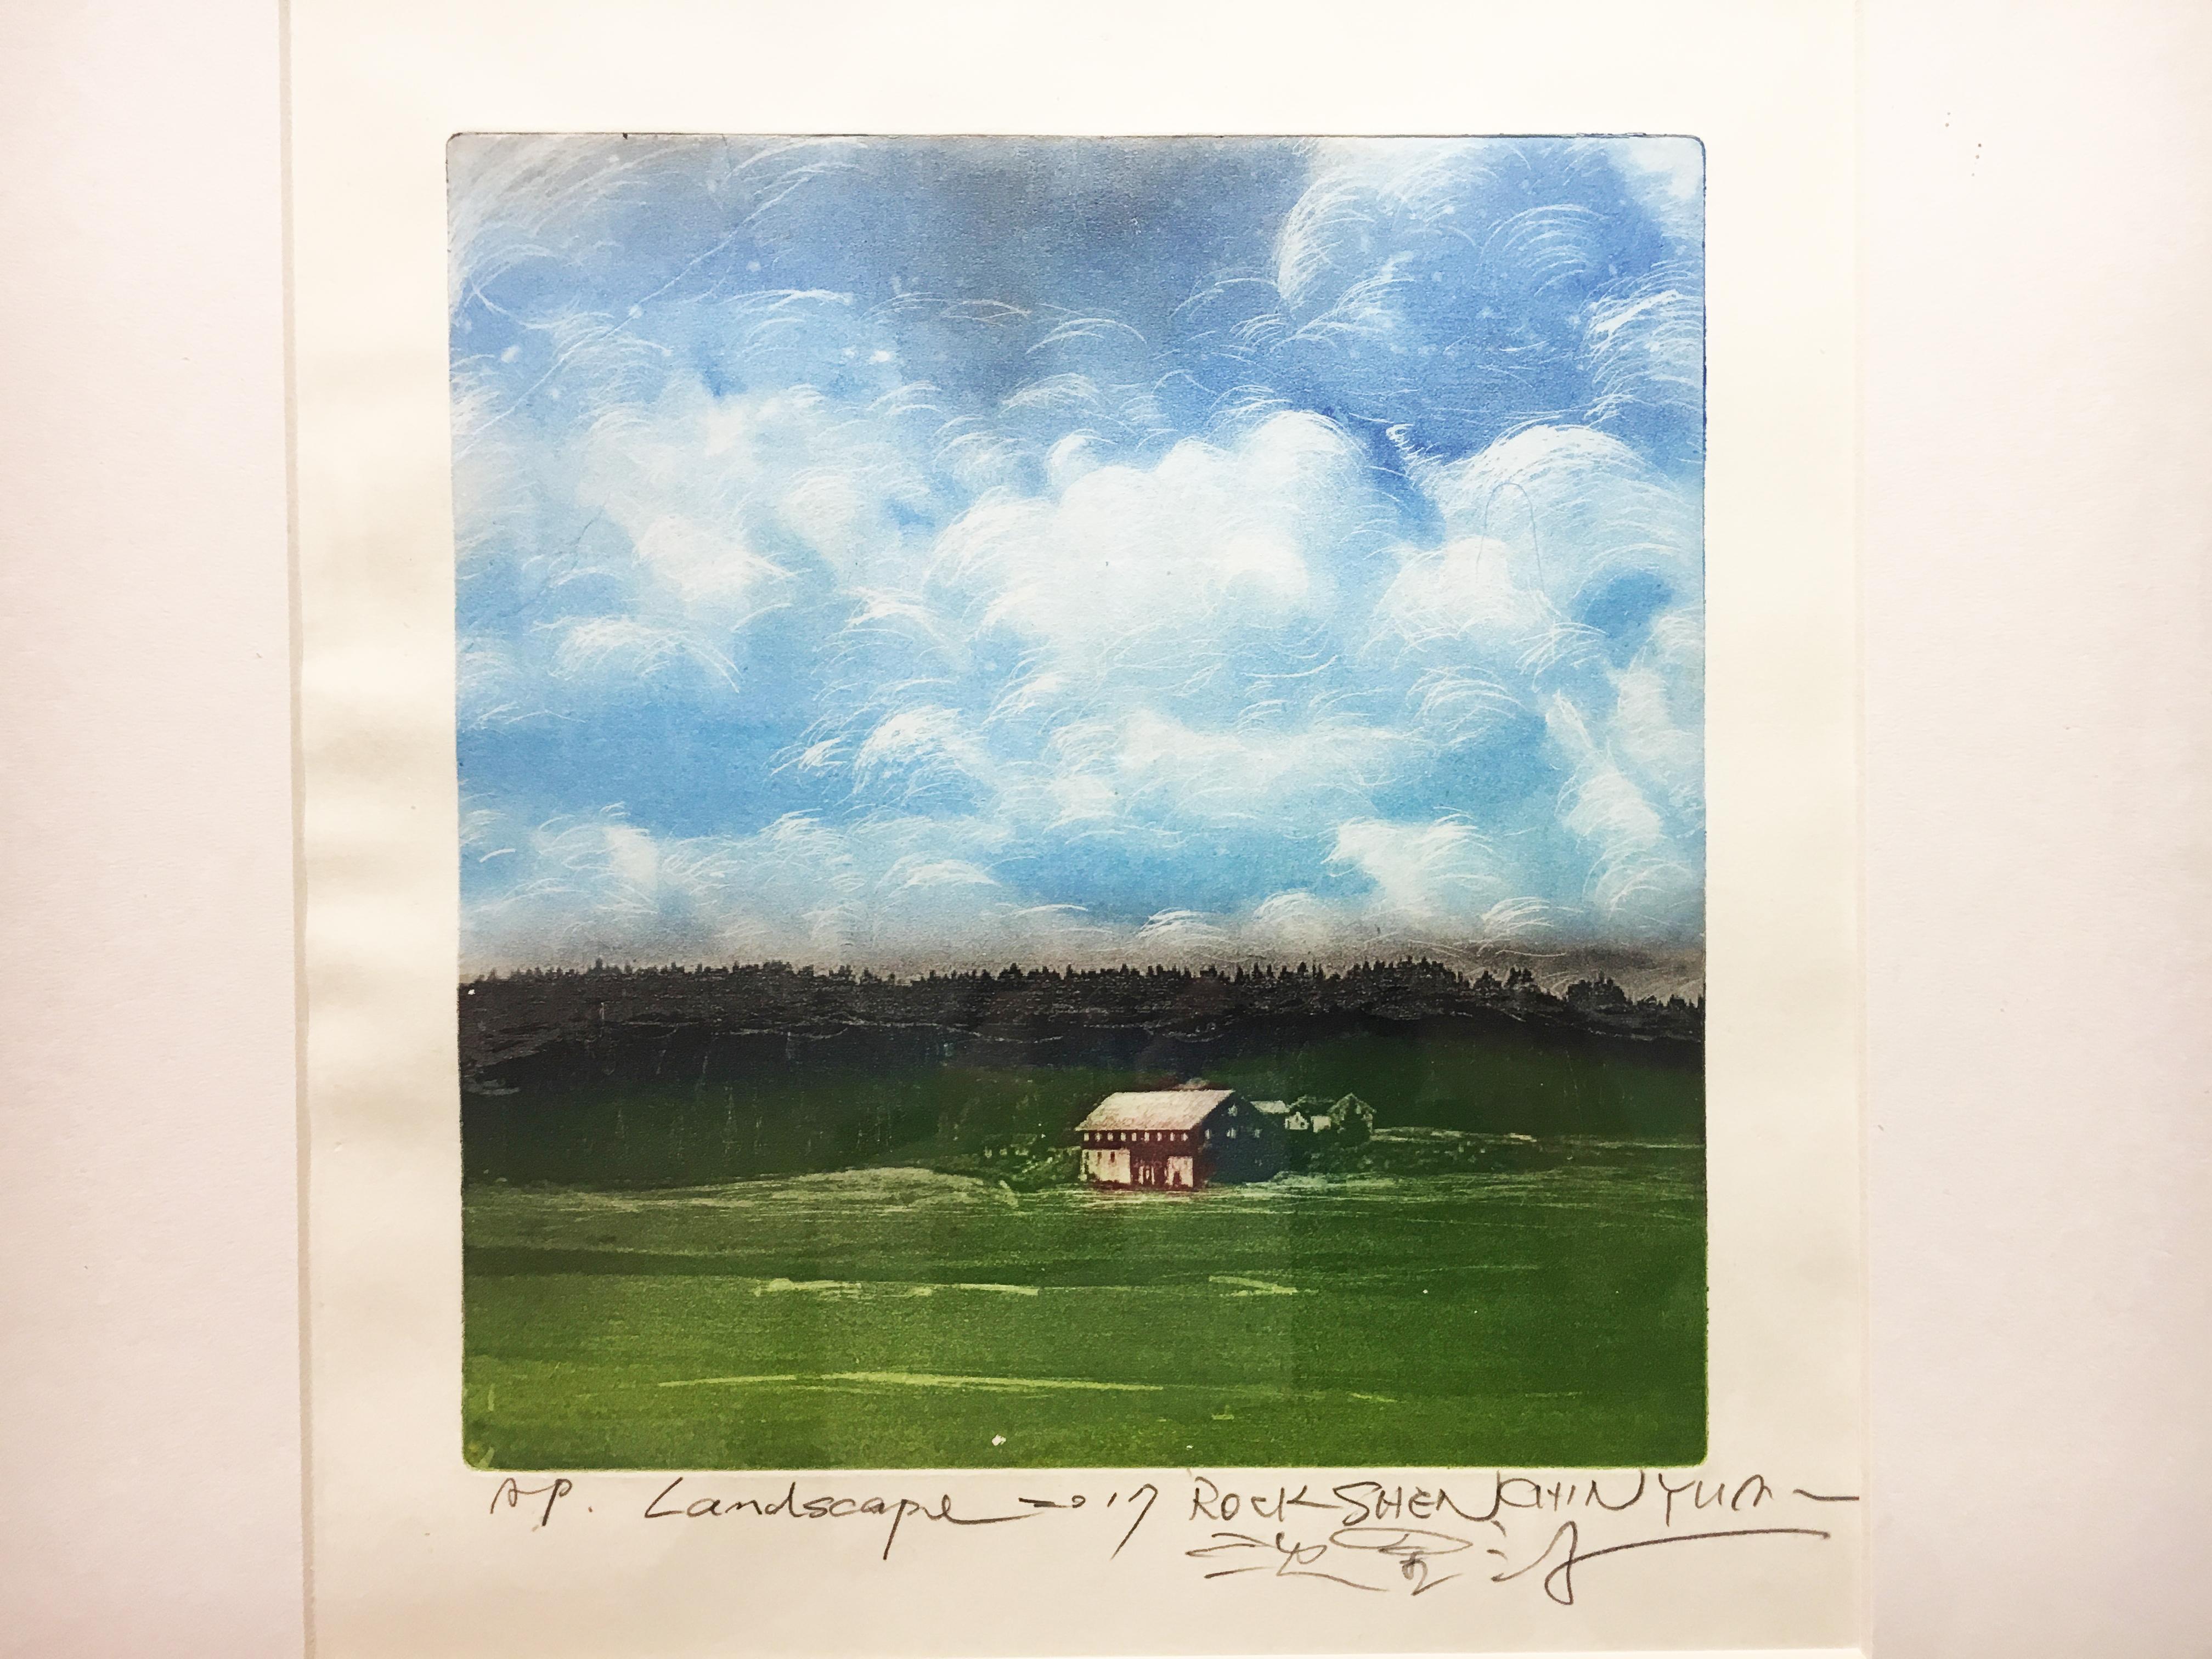 沈金源,《Landscape》細節,版畫(凹版),2017。